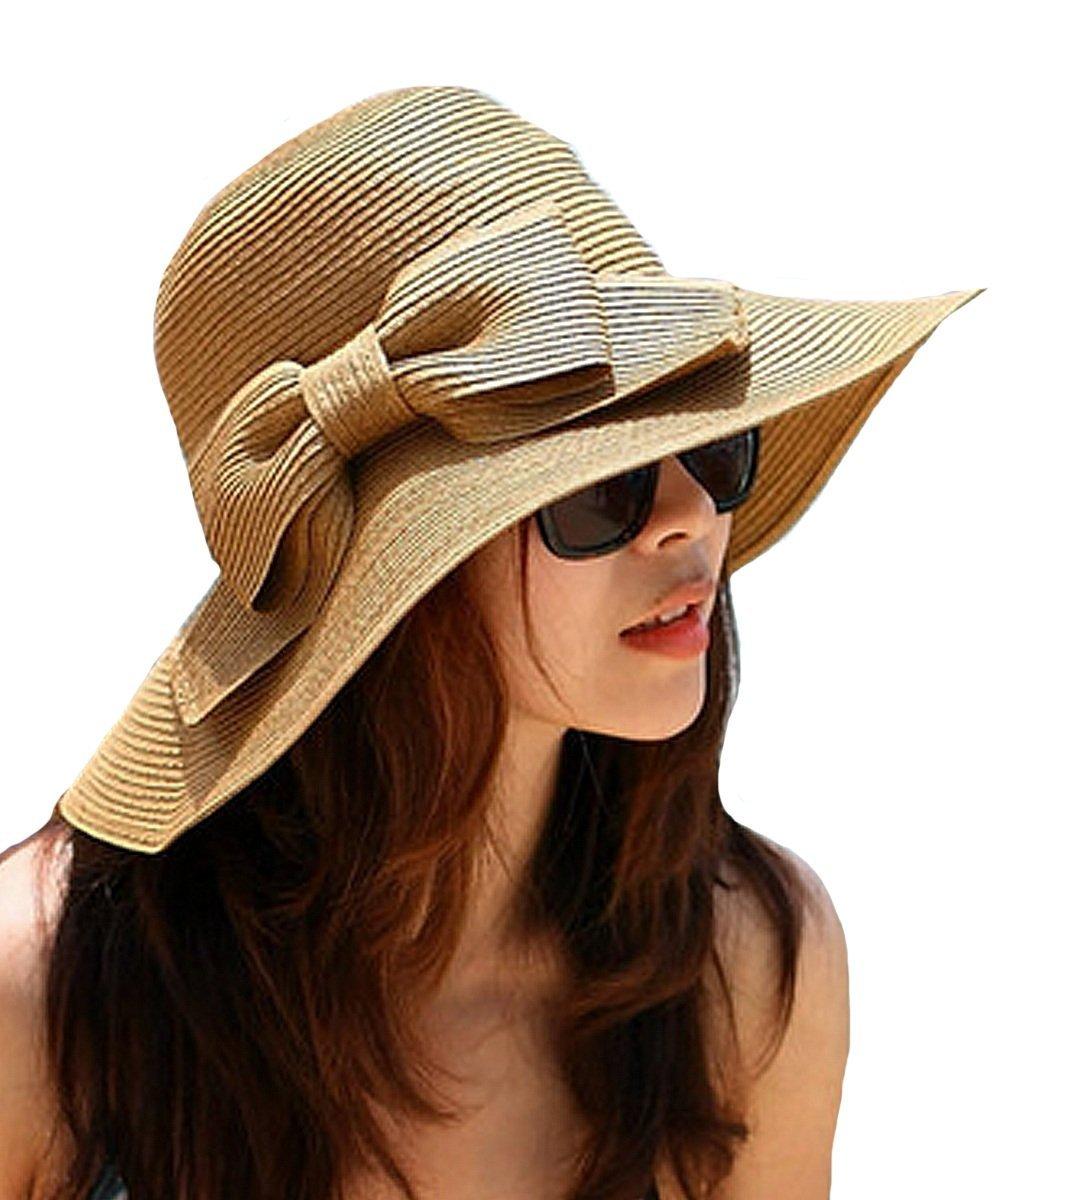 LA HAUTE pieghevole con fiocco, da donna, paglia Cappello a tesa larga Beach-Cappello con visiera, r...